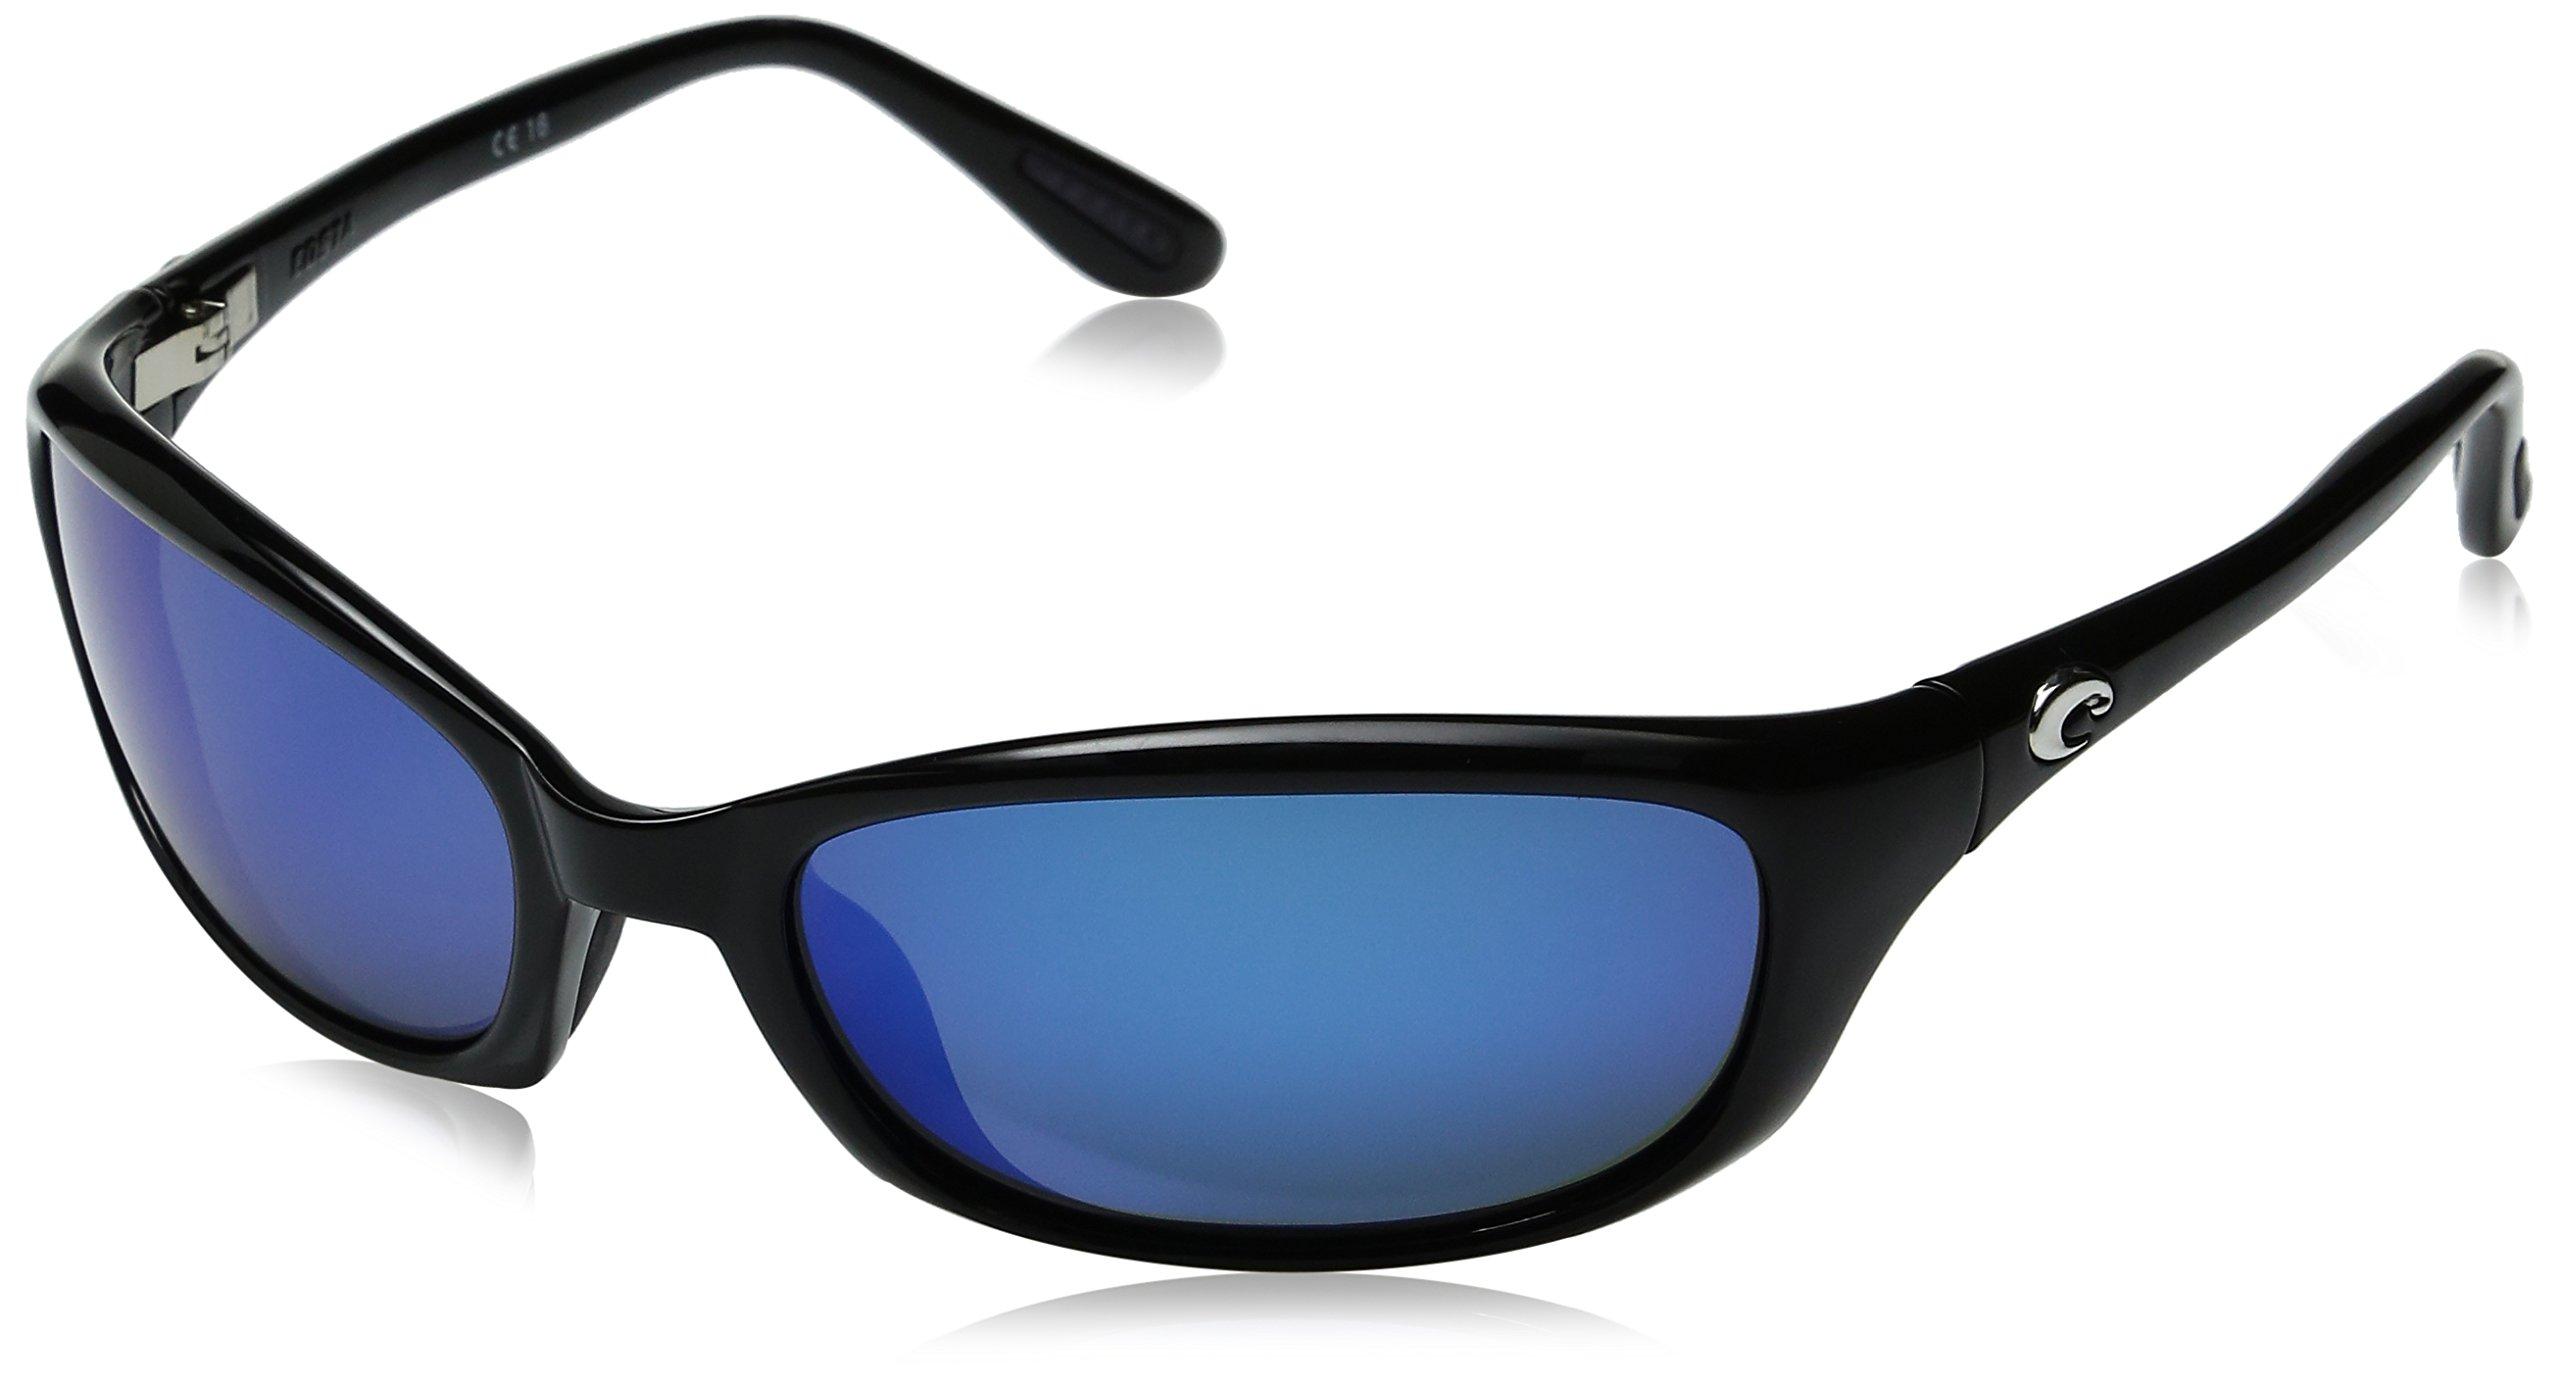 COSTA DEL MAR Harpoon Polarized Oval Sunglasses, Black, 61.5 mm by Costa Del Mar